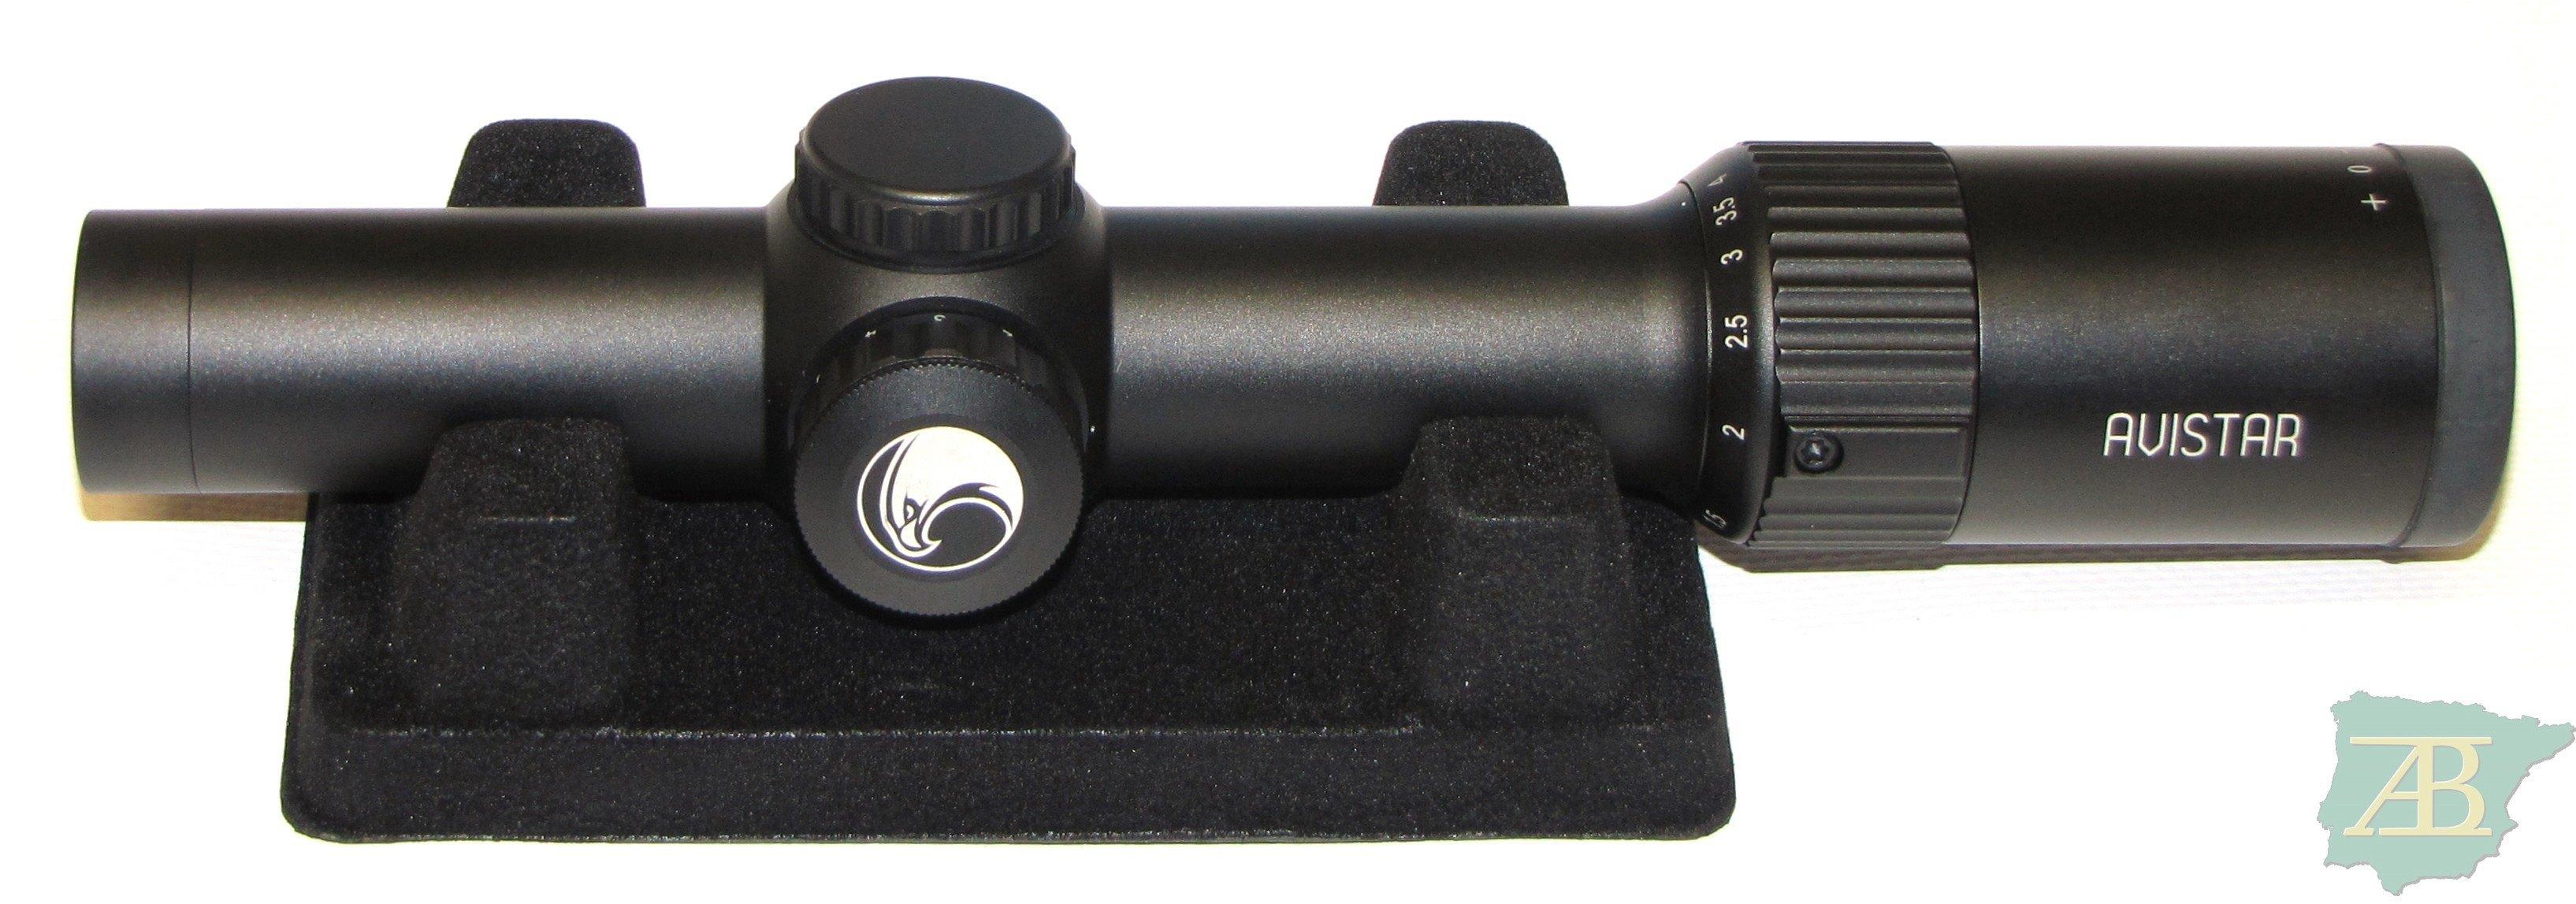 AVISTAR 1-4×24 Ri 4A